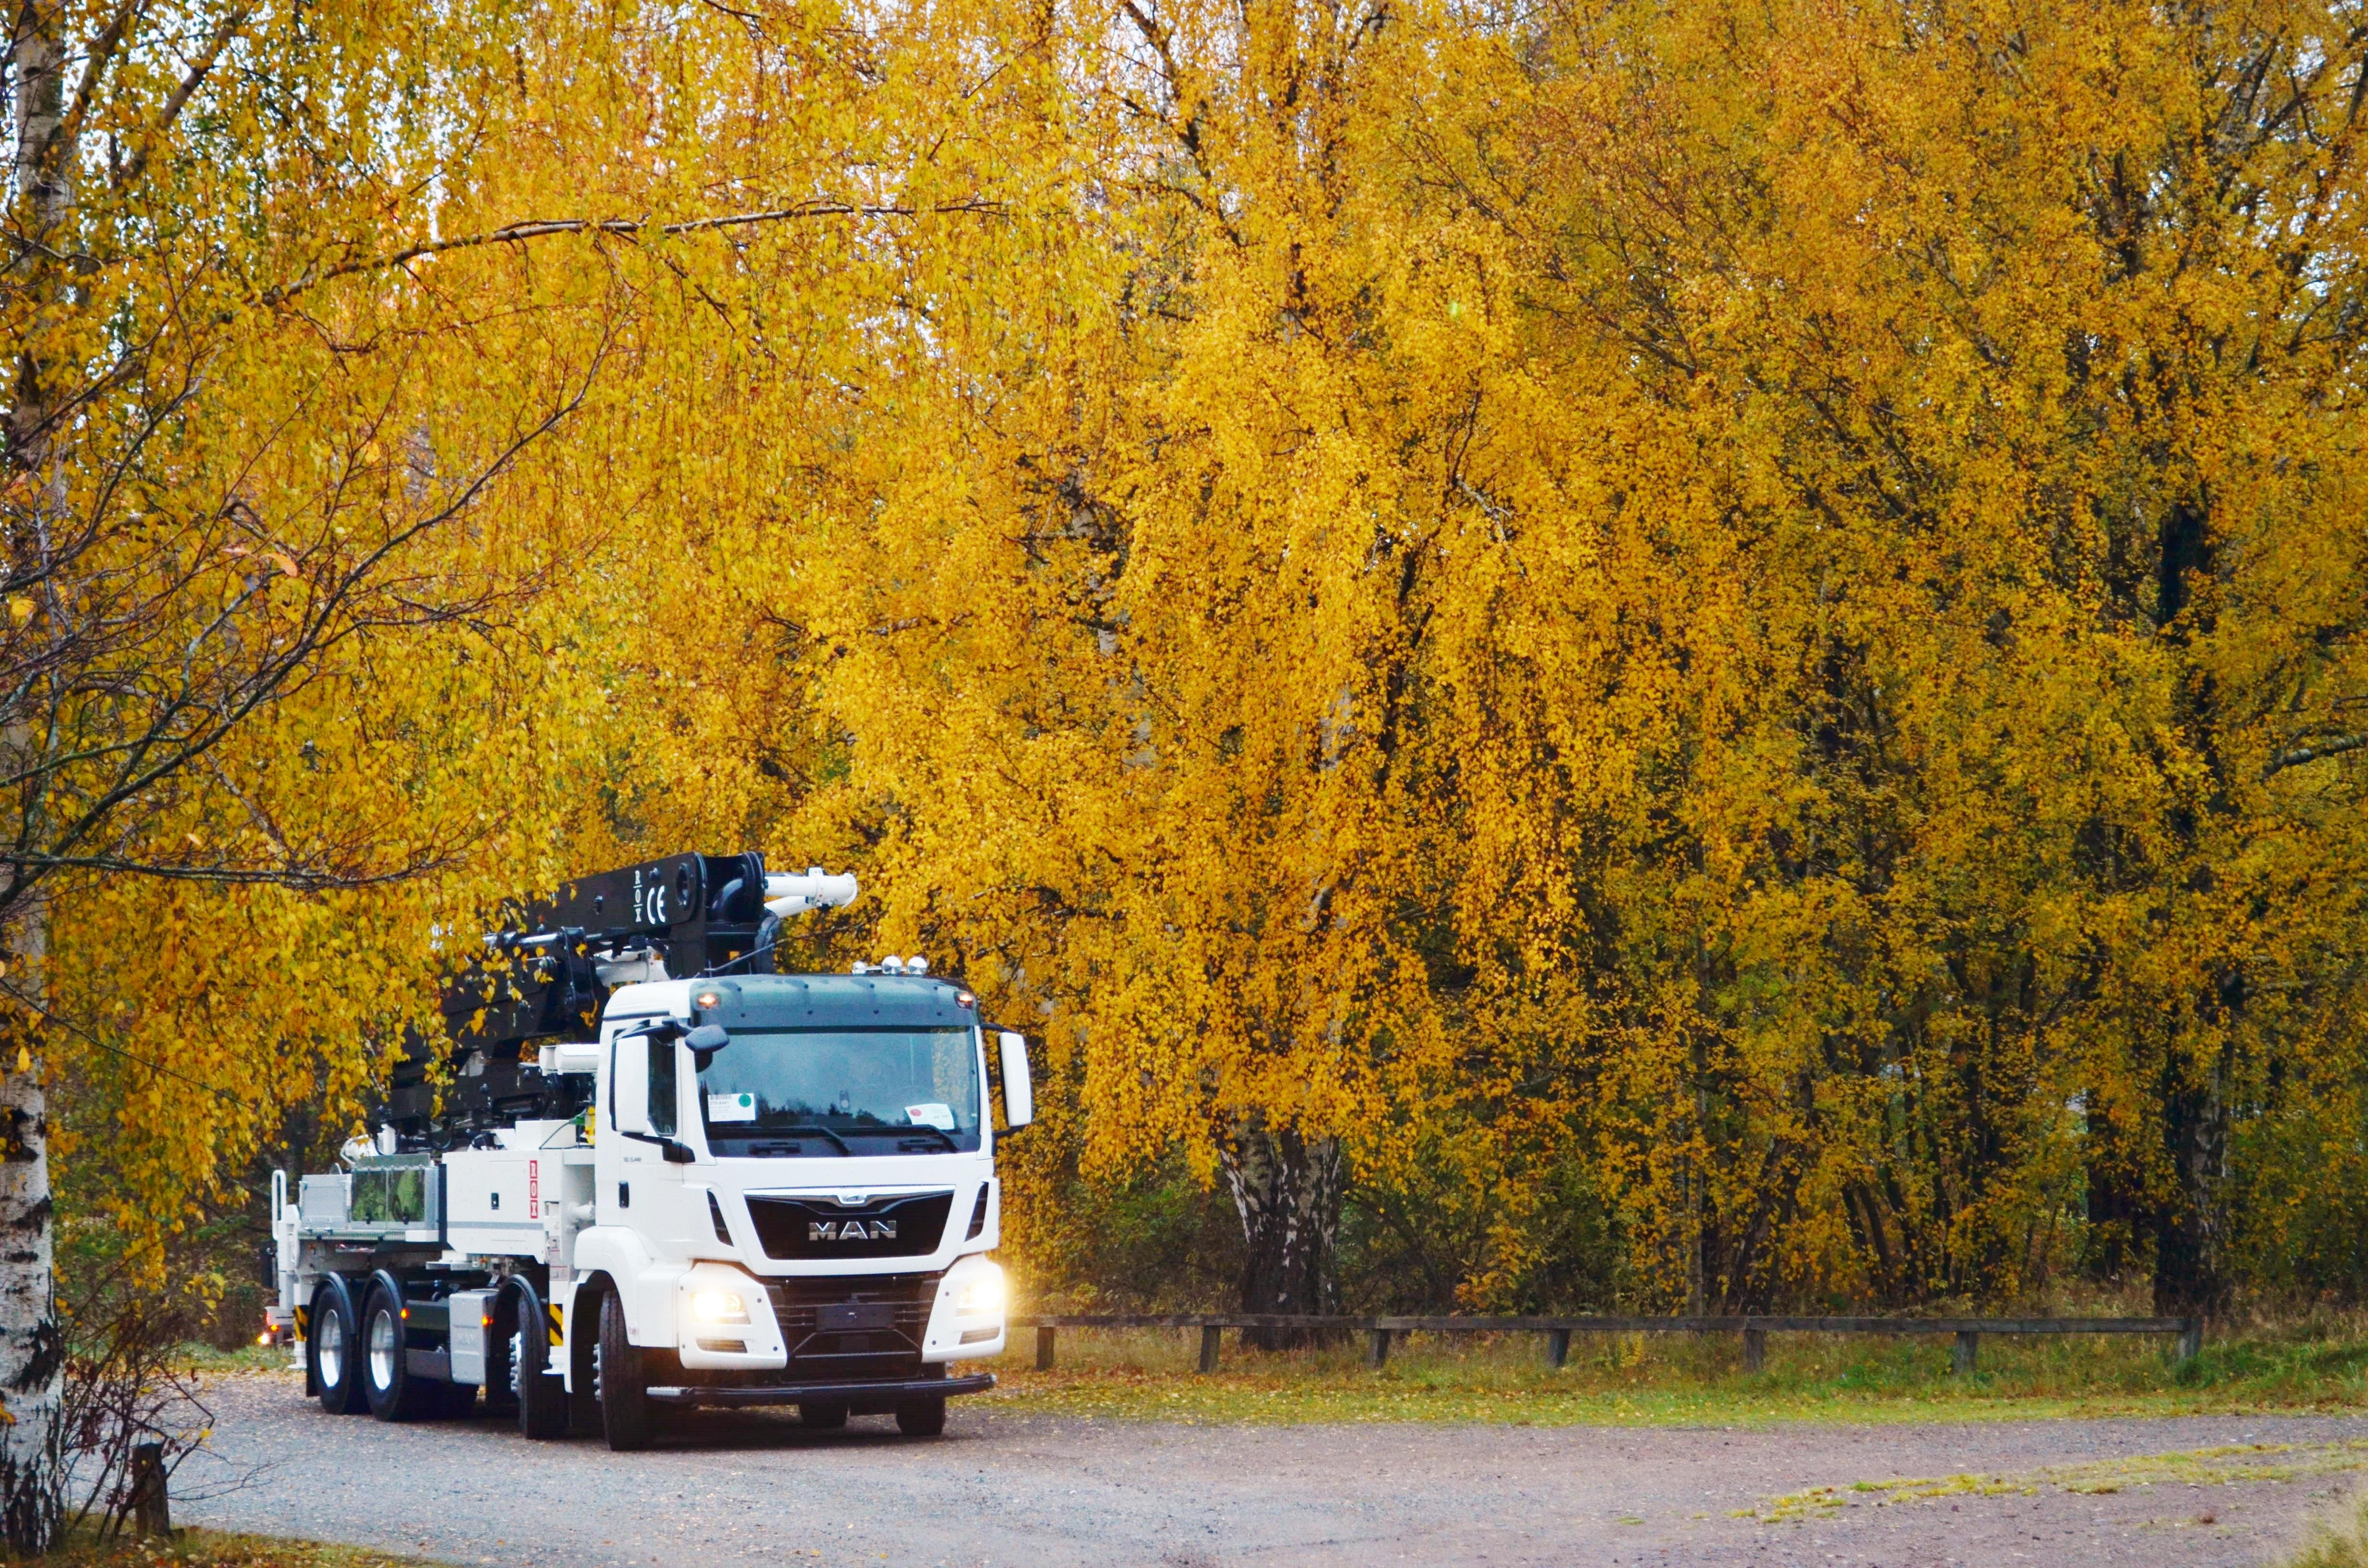 Kostenlose foto : Mann, Baum, Technologie, Blatt, LKW, Fahrzeug ...